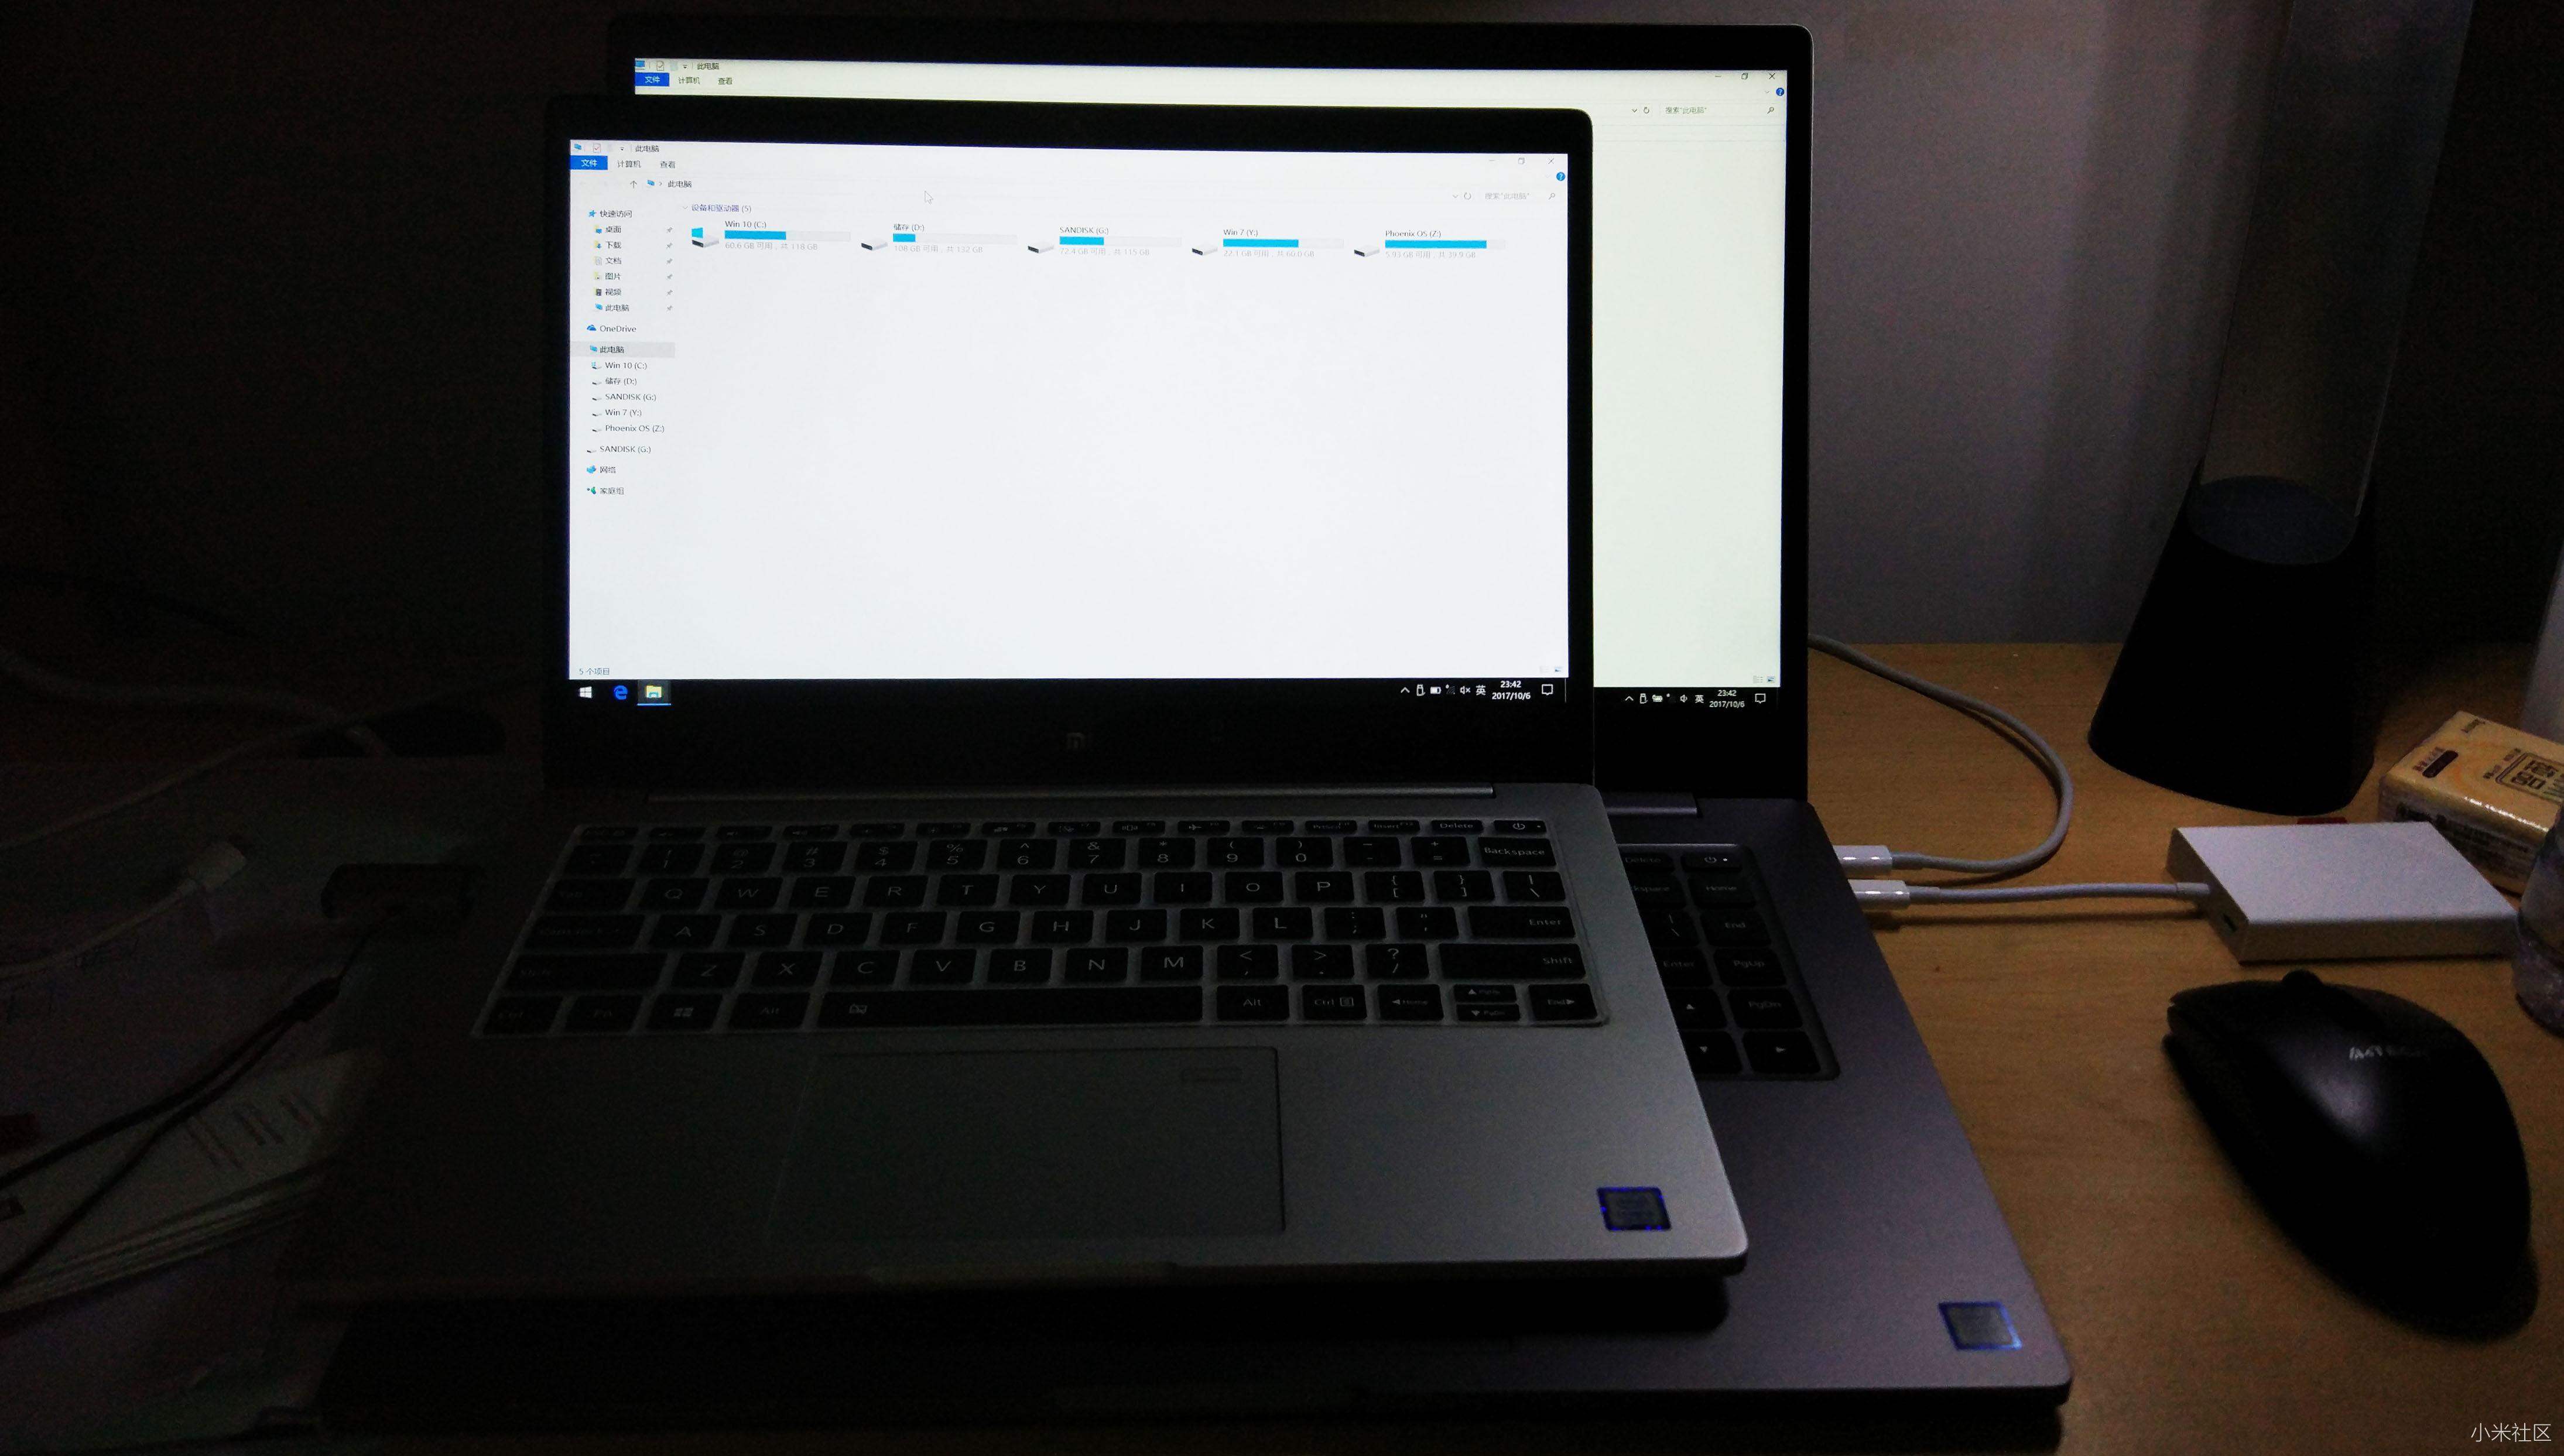 小米笔记本Pro 15.6拆机增加SSD图文教程